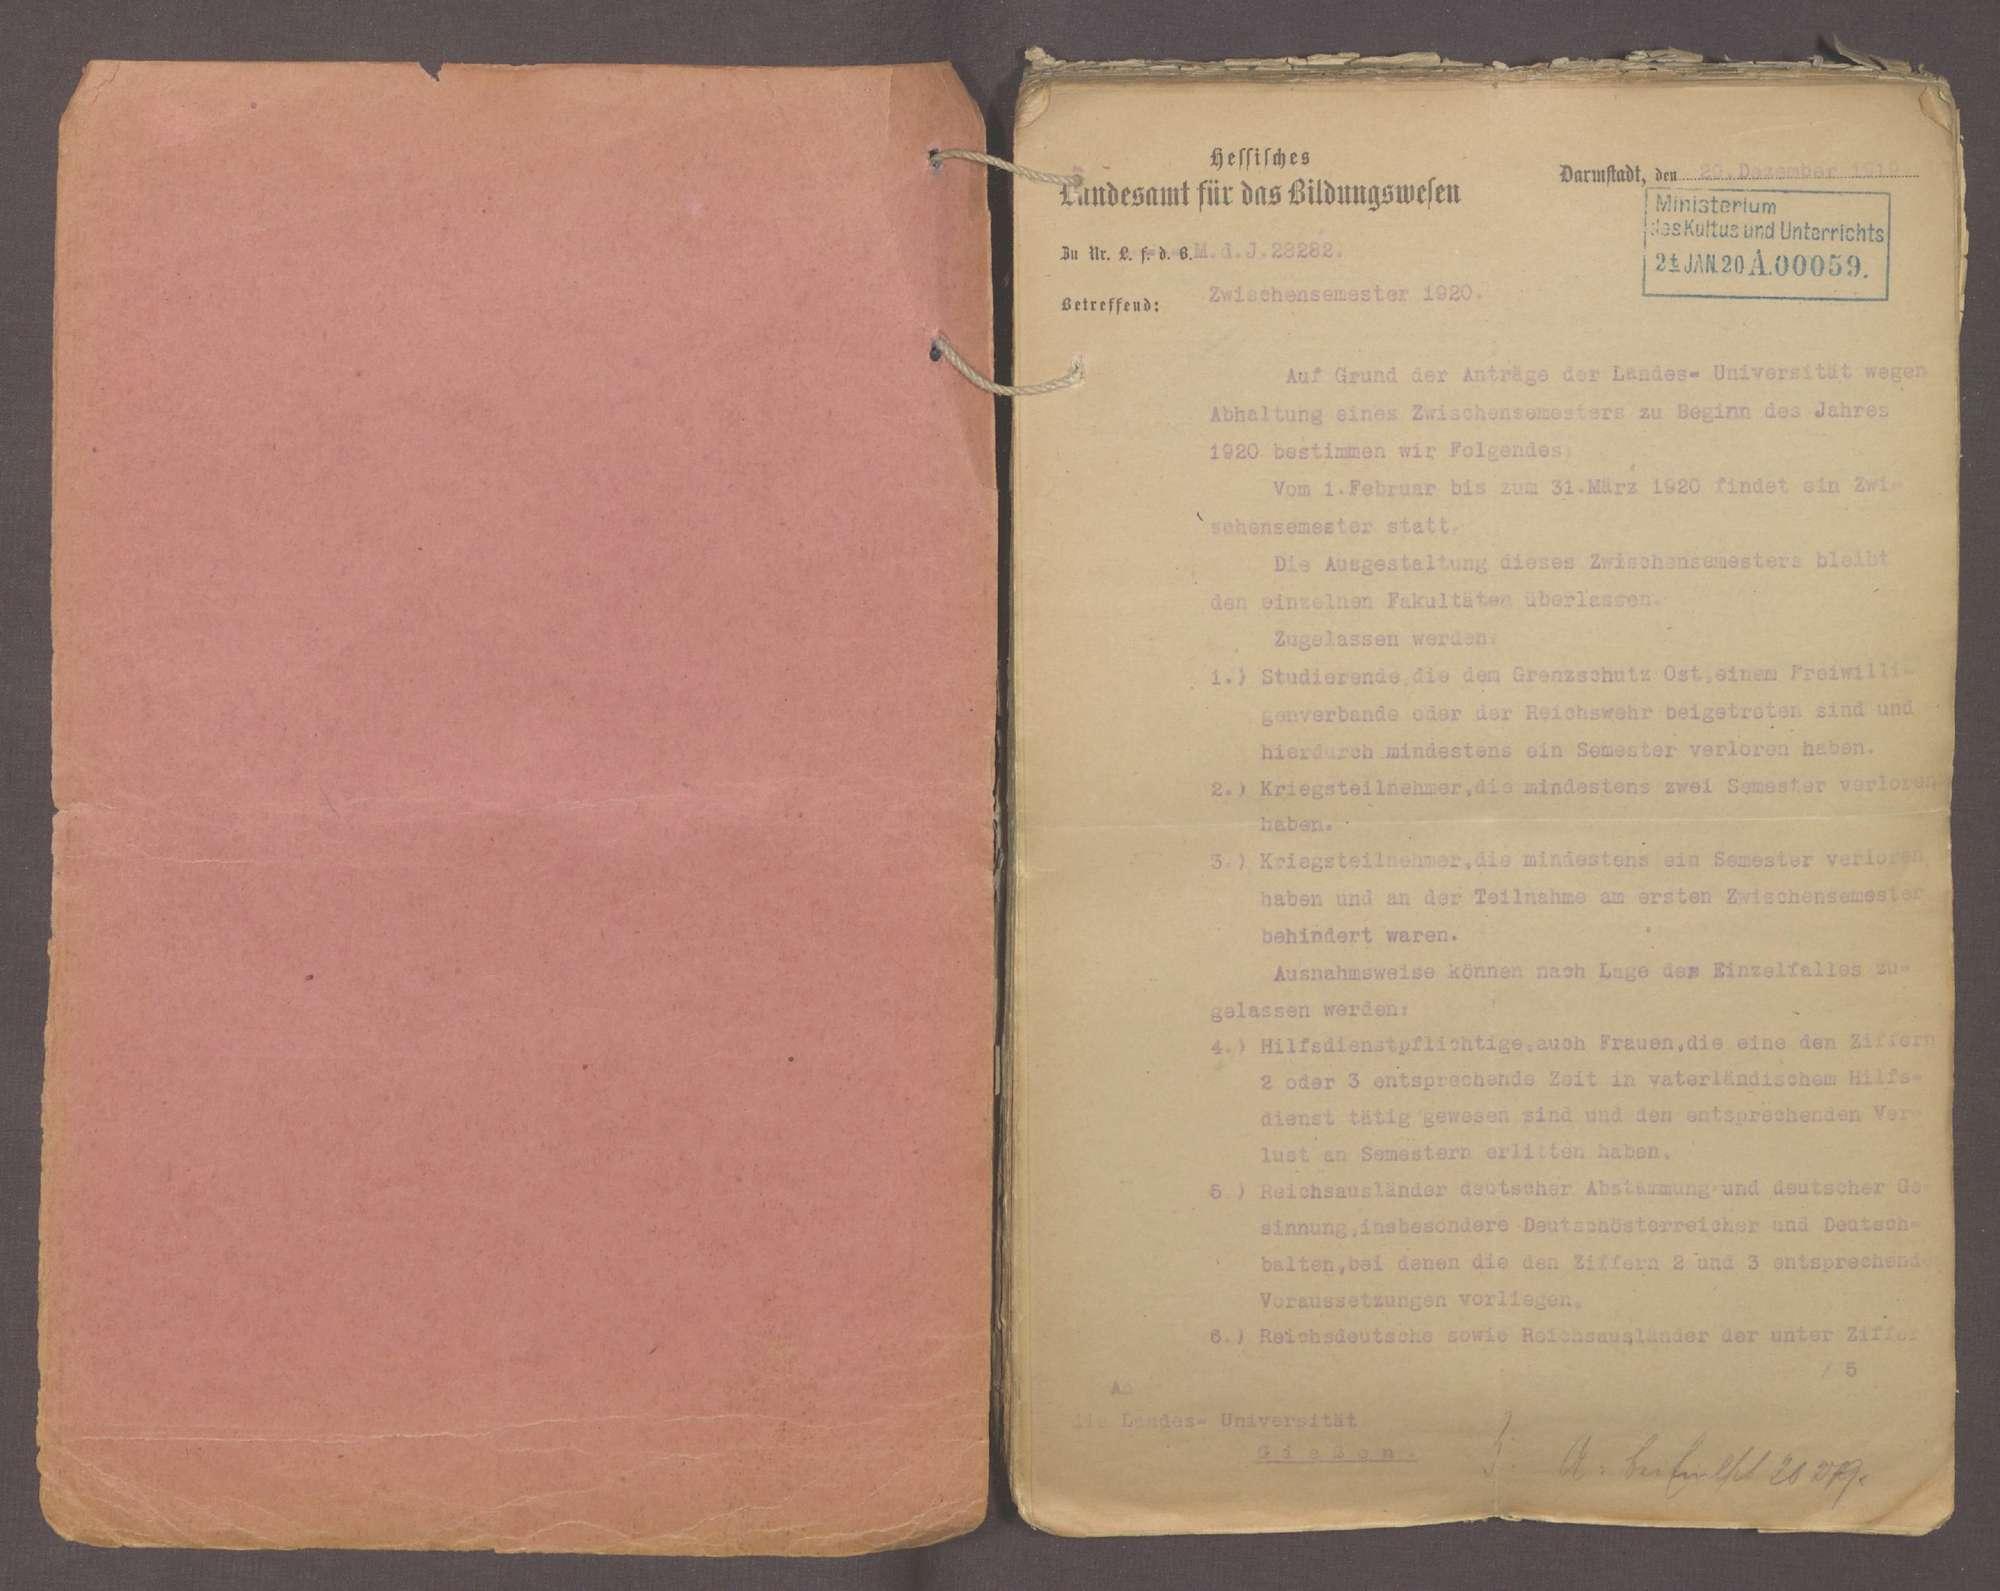 Hochschulstudium der Kriegsteilnehmer, die Anrechnung des Kriegsdienstes auf die Studienzeit und die Dreiteilung des akademischen Studienjahres (II), Bild 2